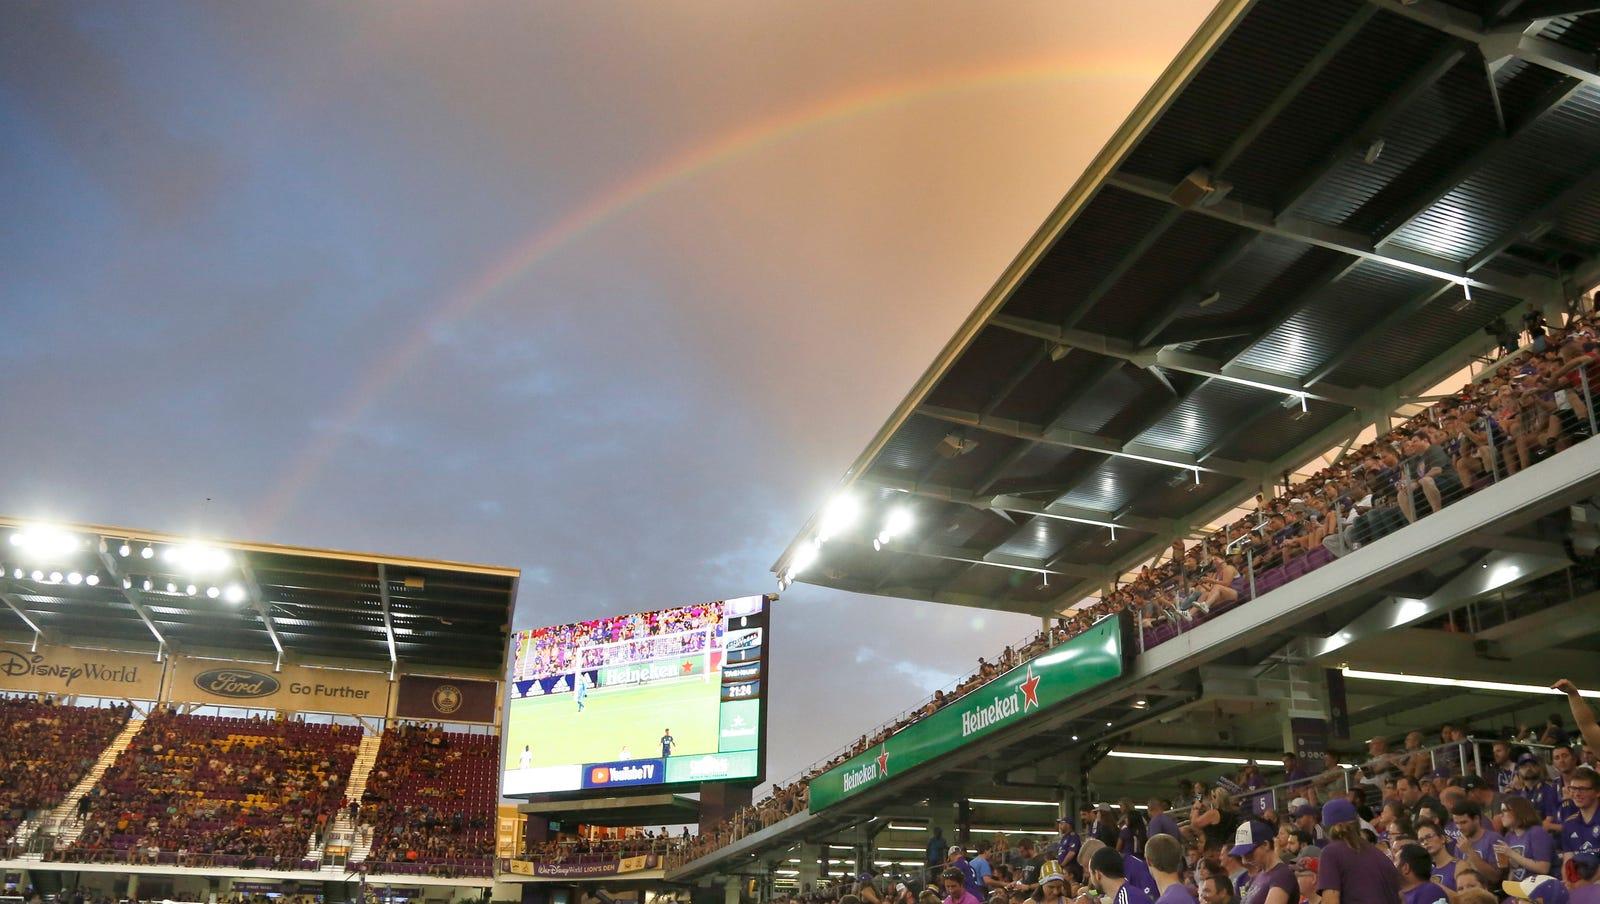 Orlando City's James O'Connor: 'I can't describe how badly' Orlando needs a win